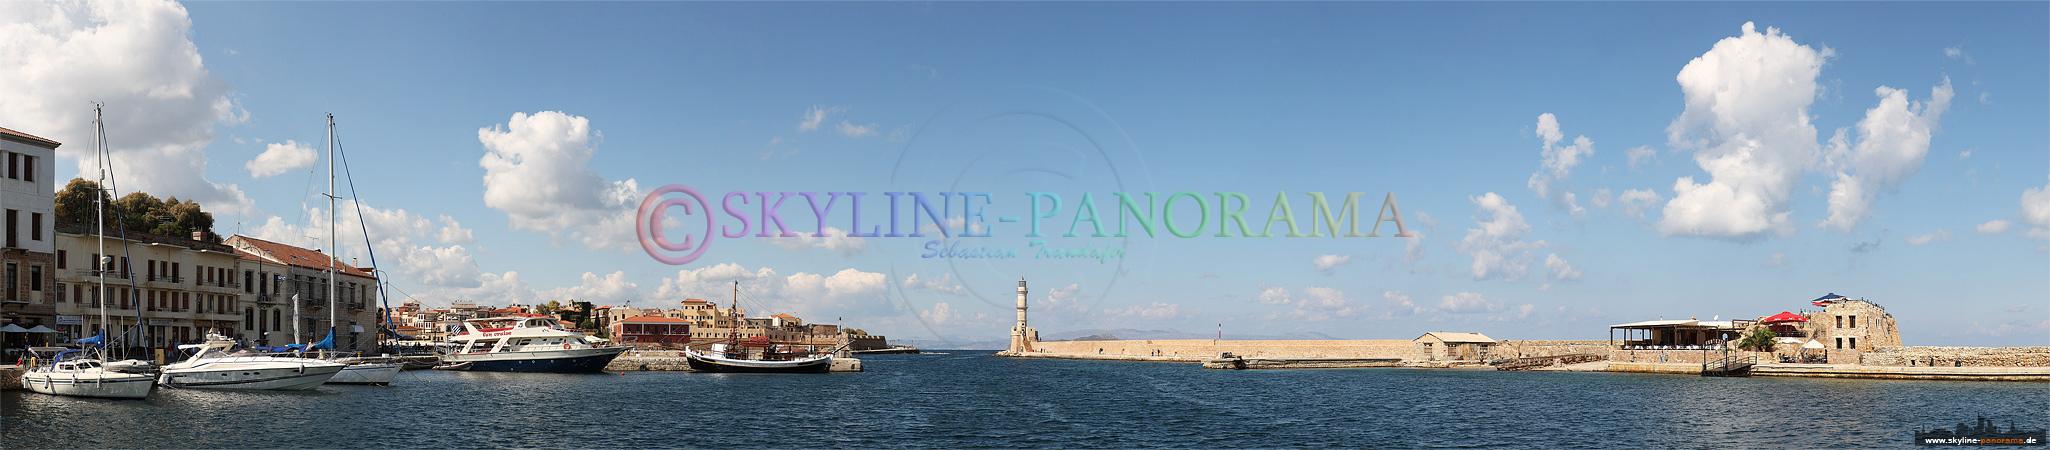 Panorama Insel Kreta - Der venezianische Hafen von Chania, der größten Stadt im Westen der Insel Kreta.